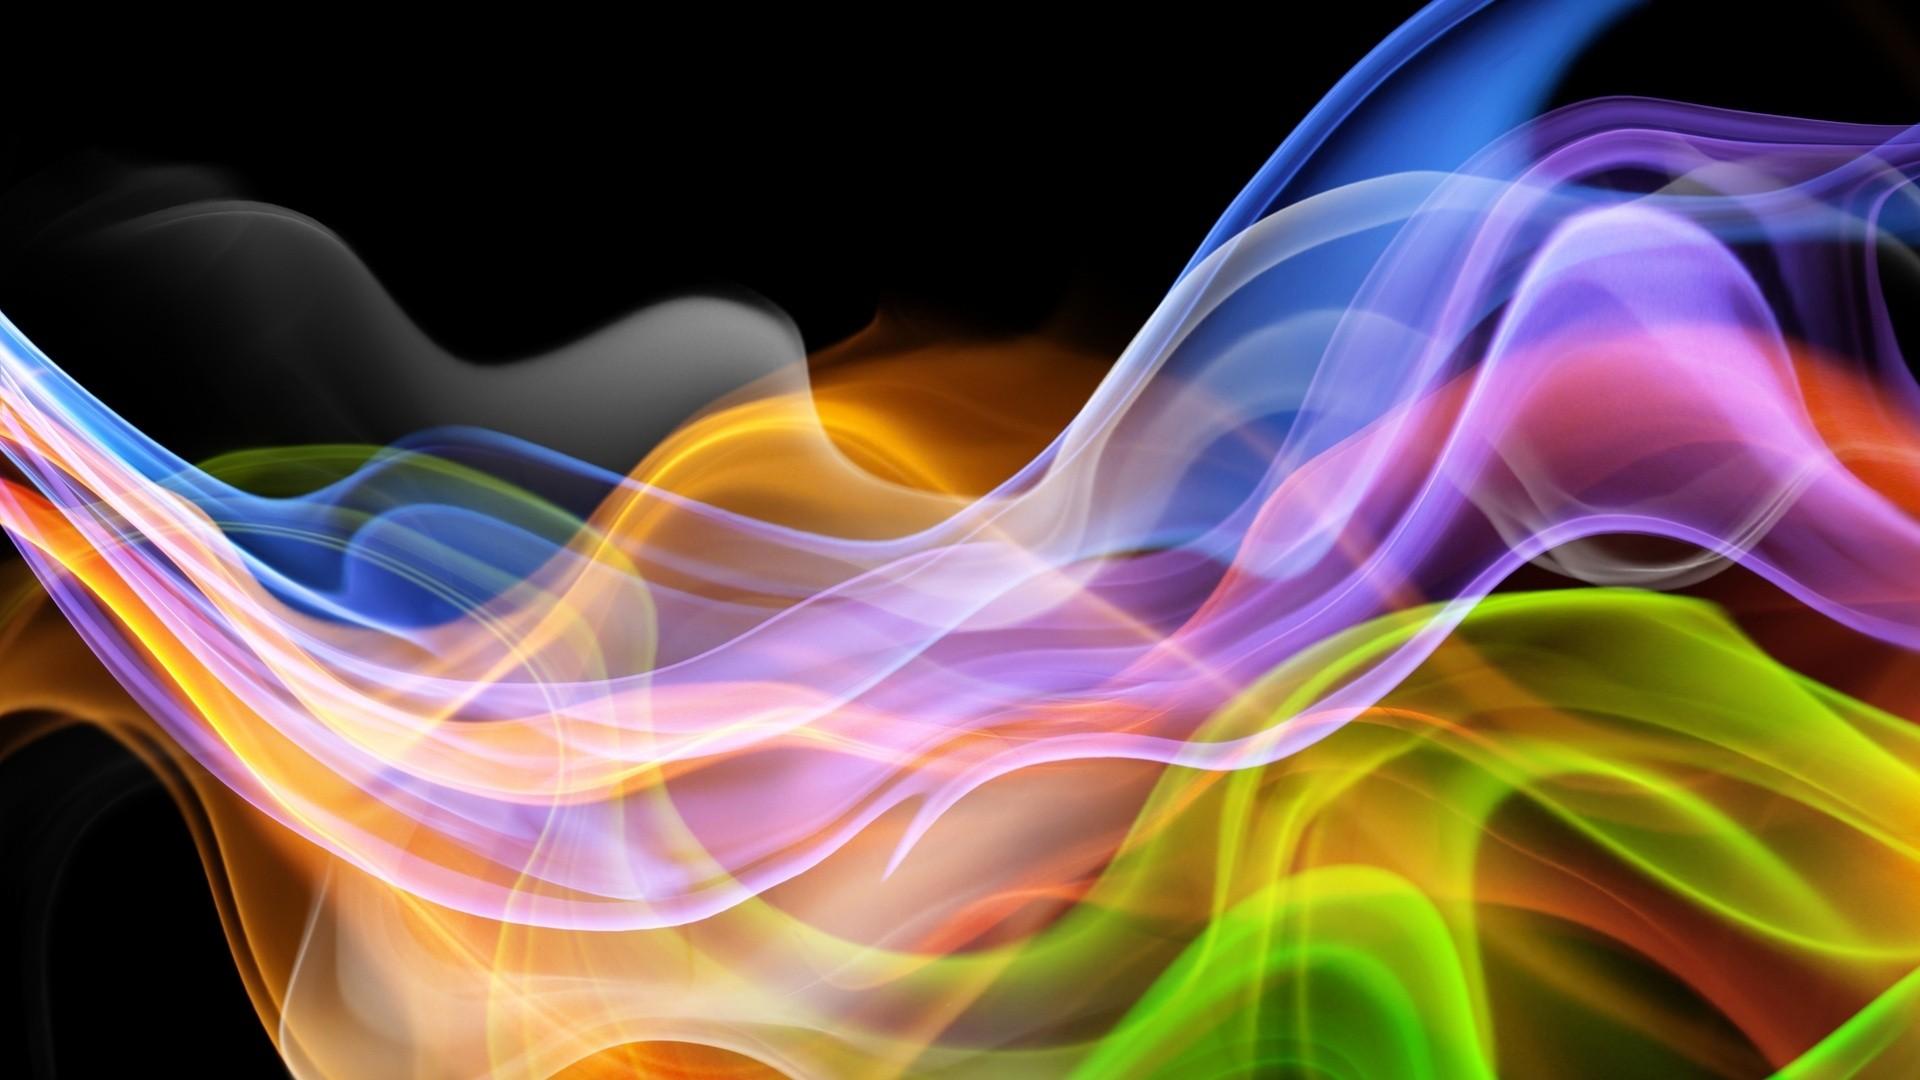 Graphic PC Wallpaper HD